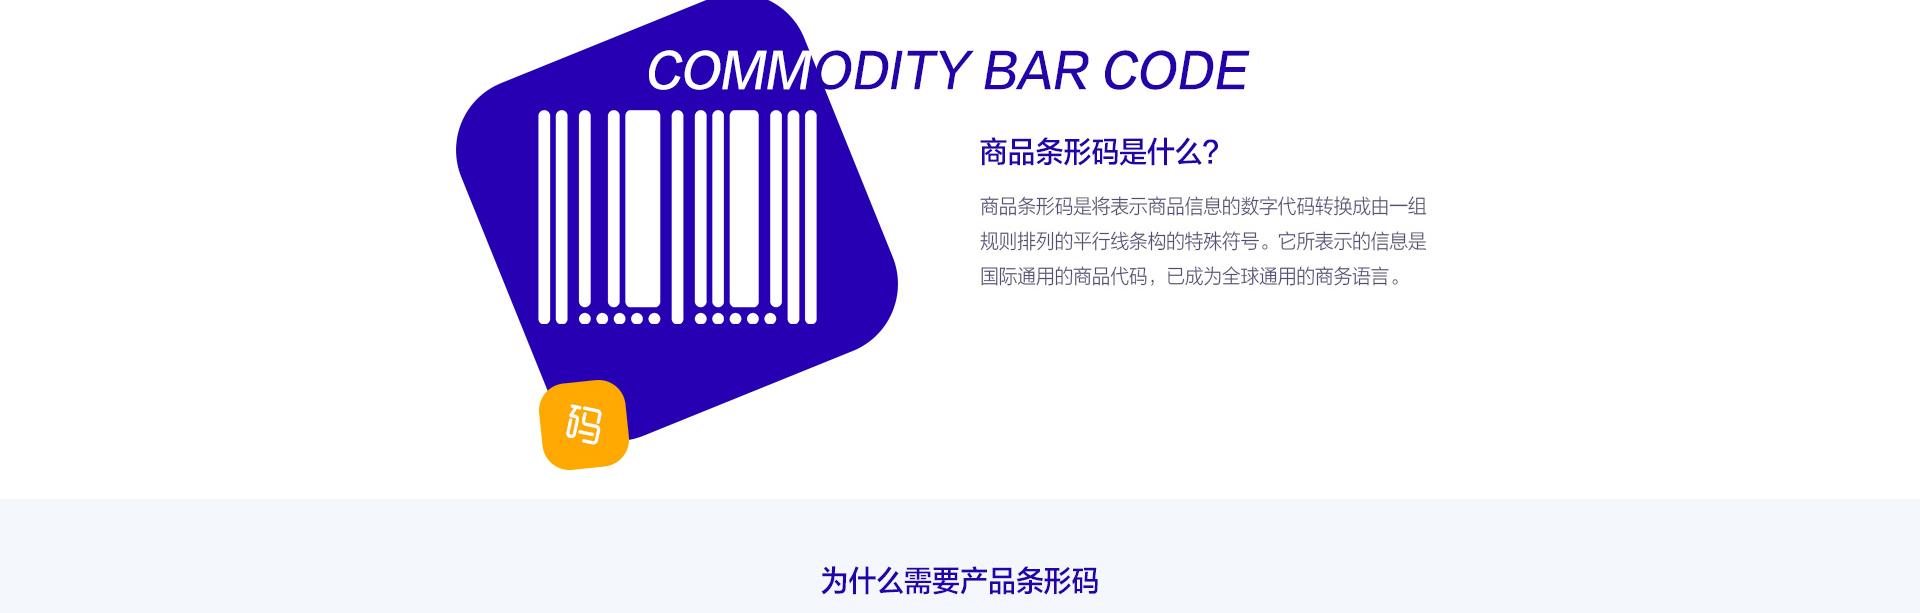 商品条形码-PC_02.jpg